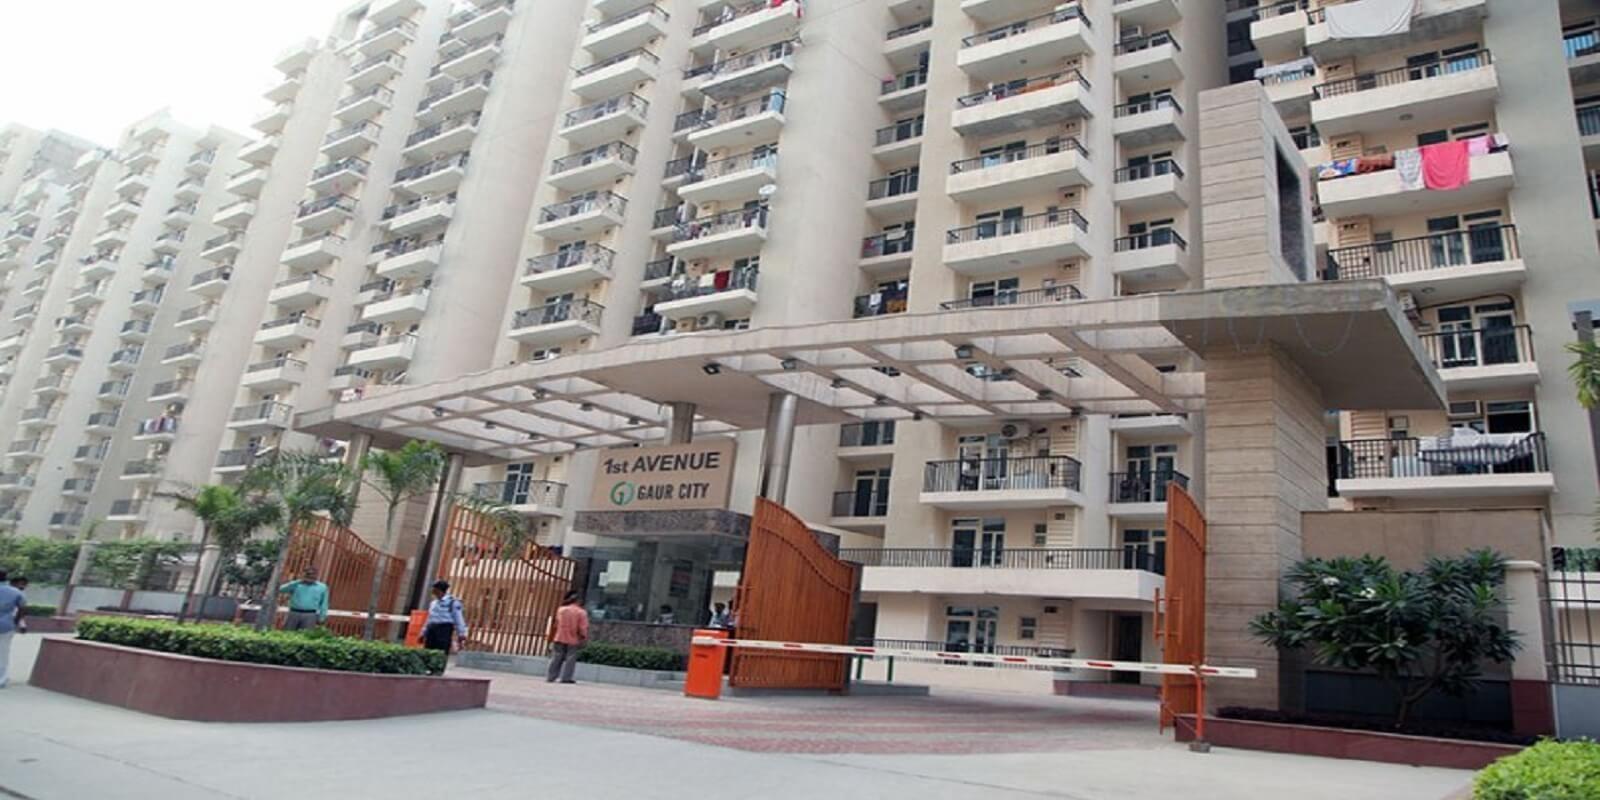 gaur city 1st avenue project large image6